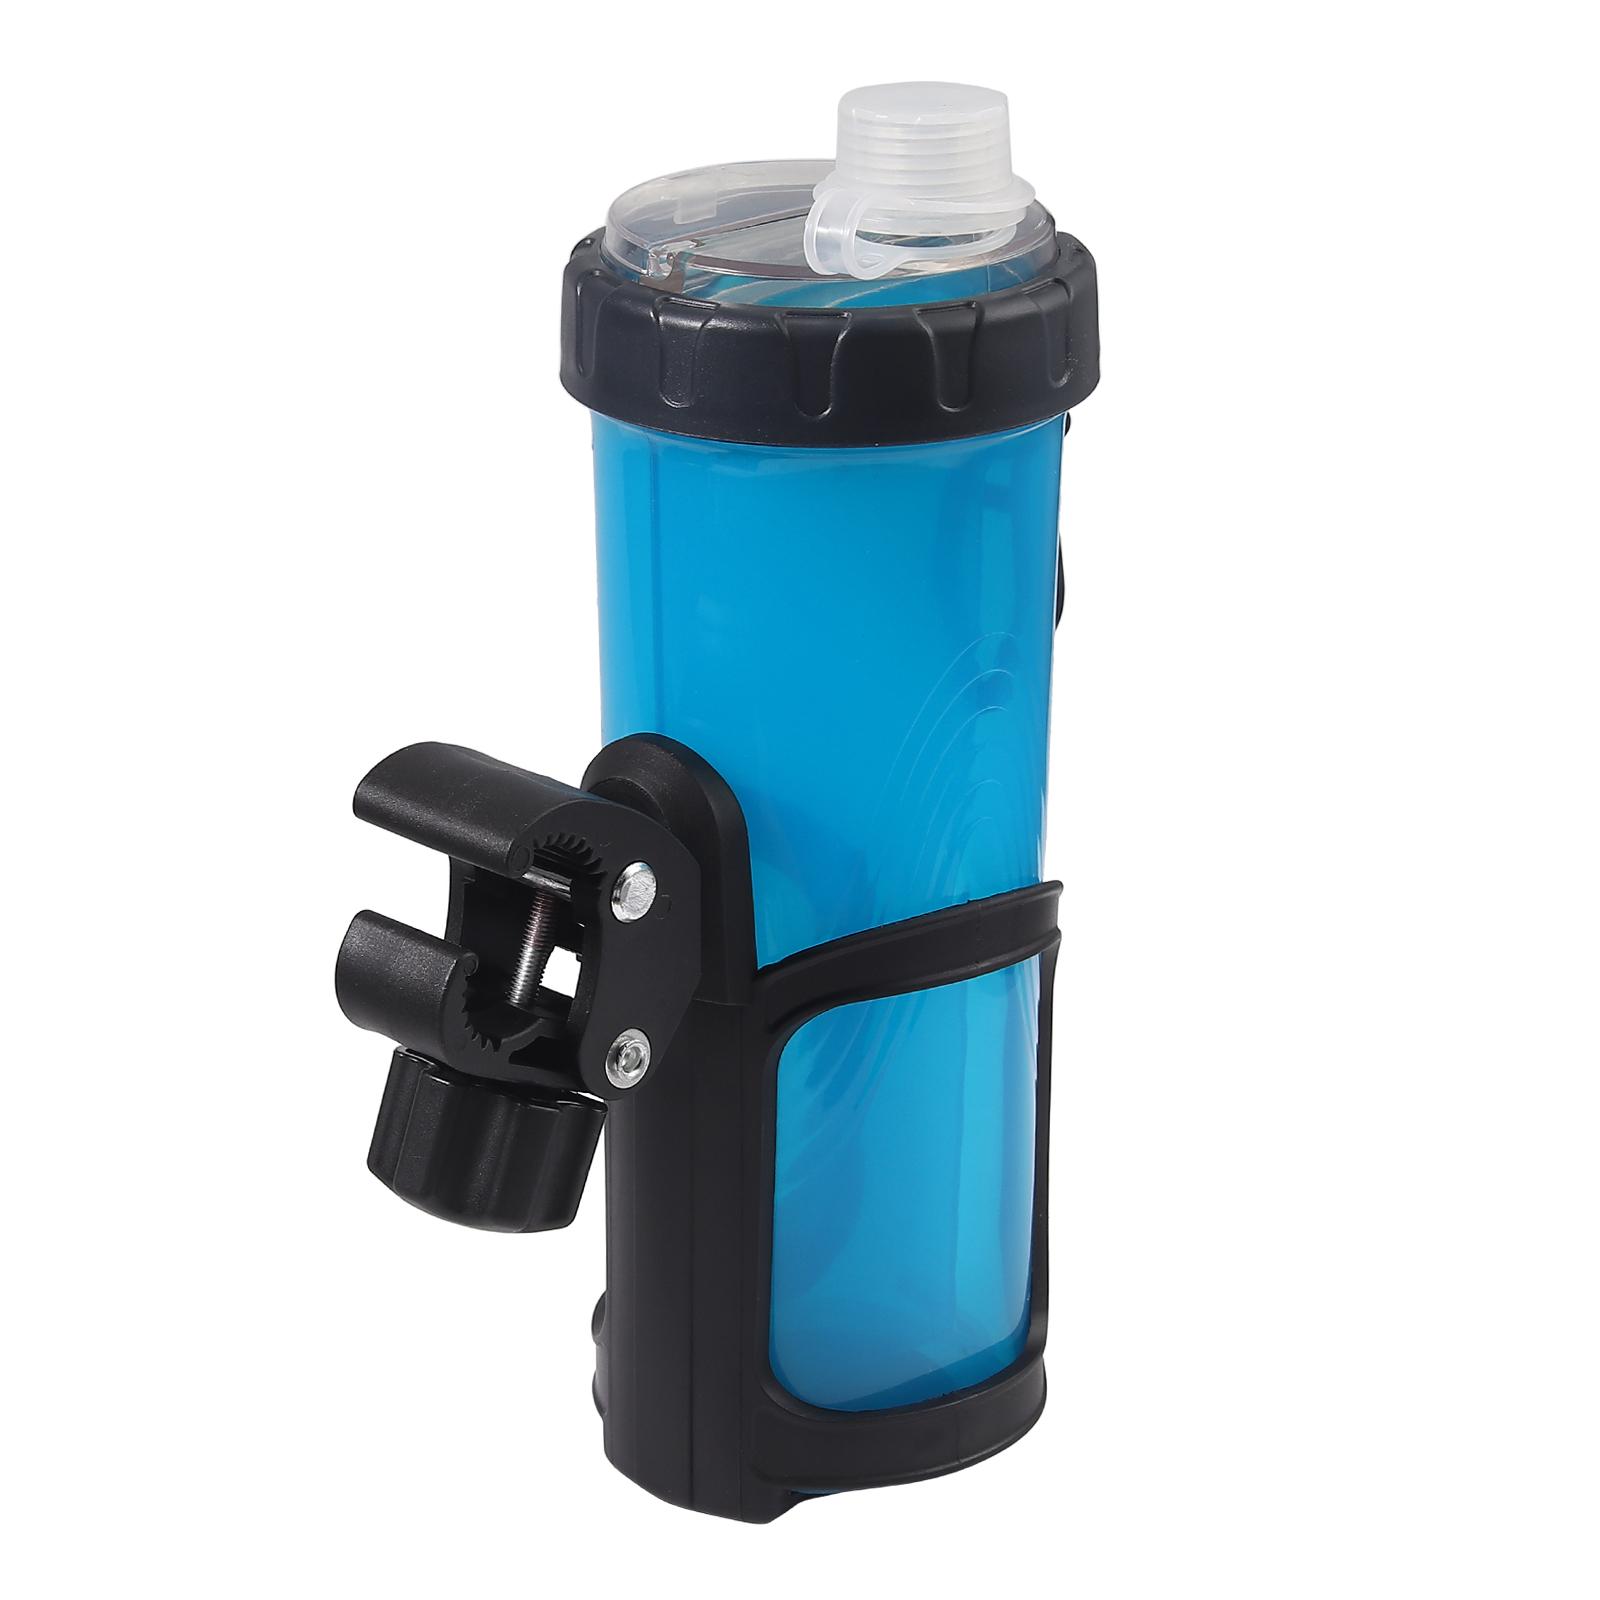 Flaschenhalter Fahrrad Getränkehalter Trinkflasche 360° für Kinderwagen Fahrrad